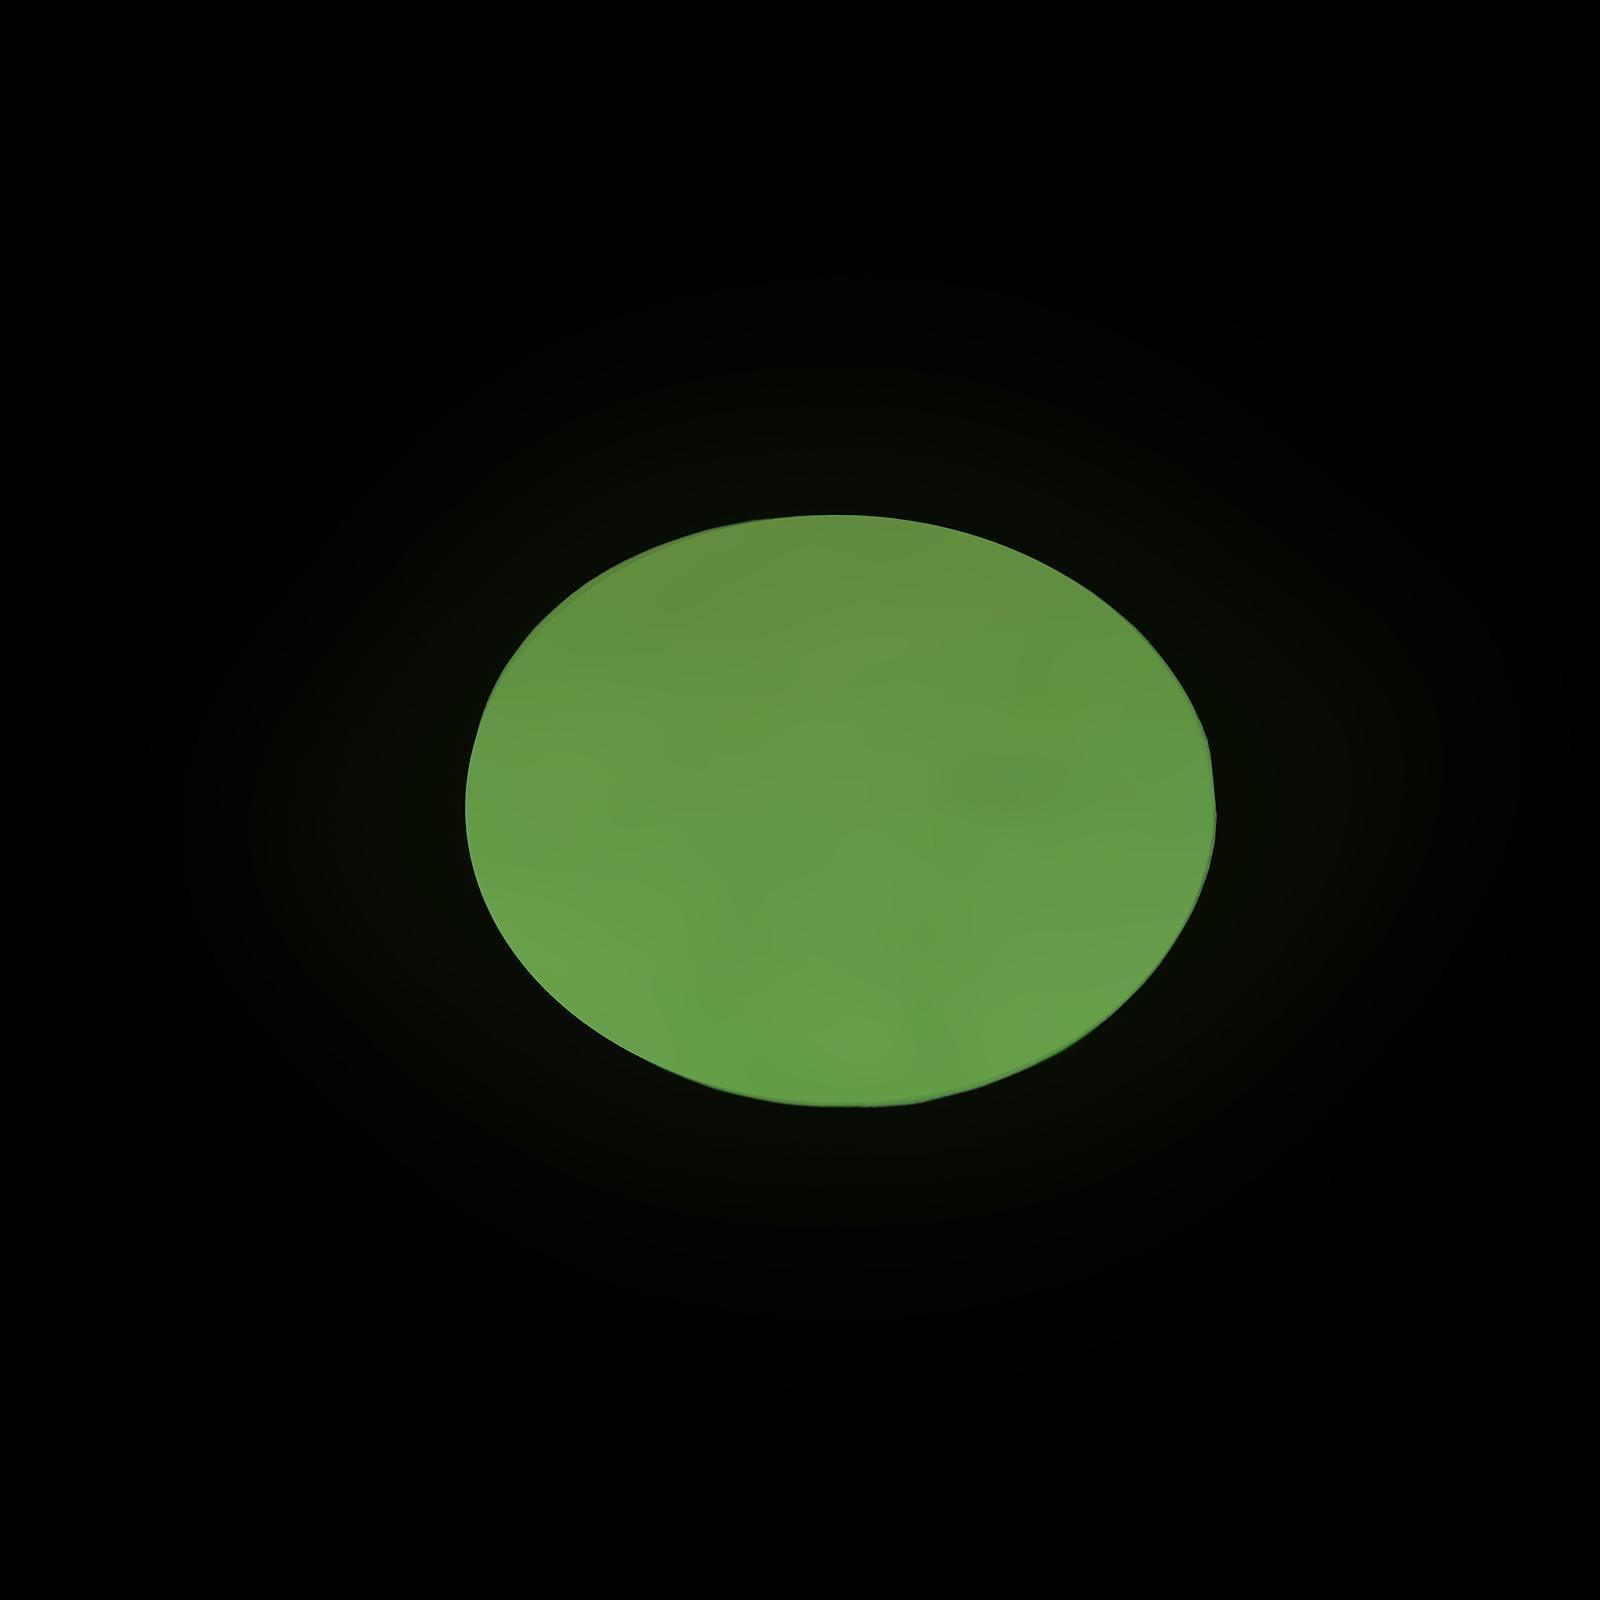 Износостойкий напольный, круг в темноте